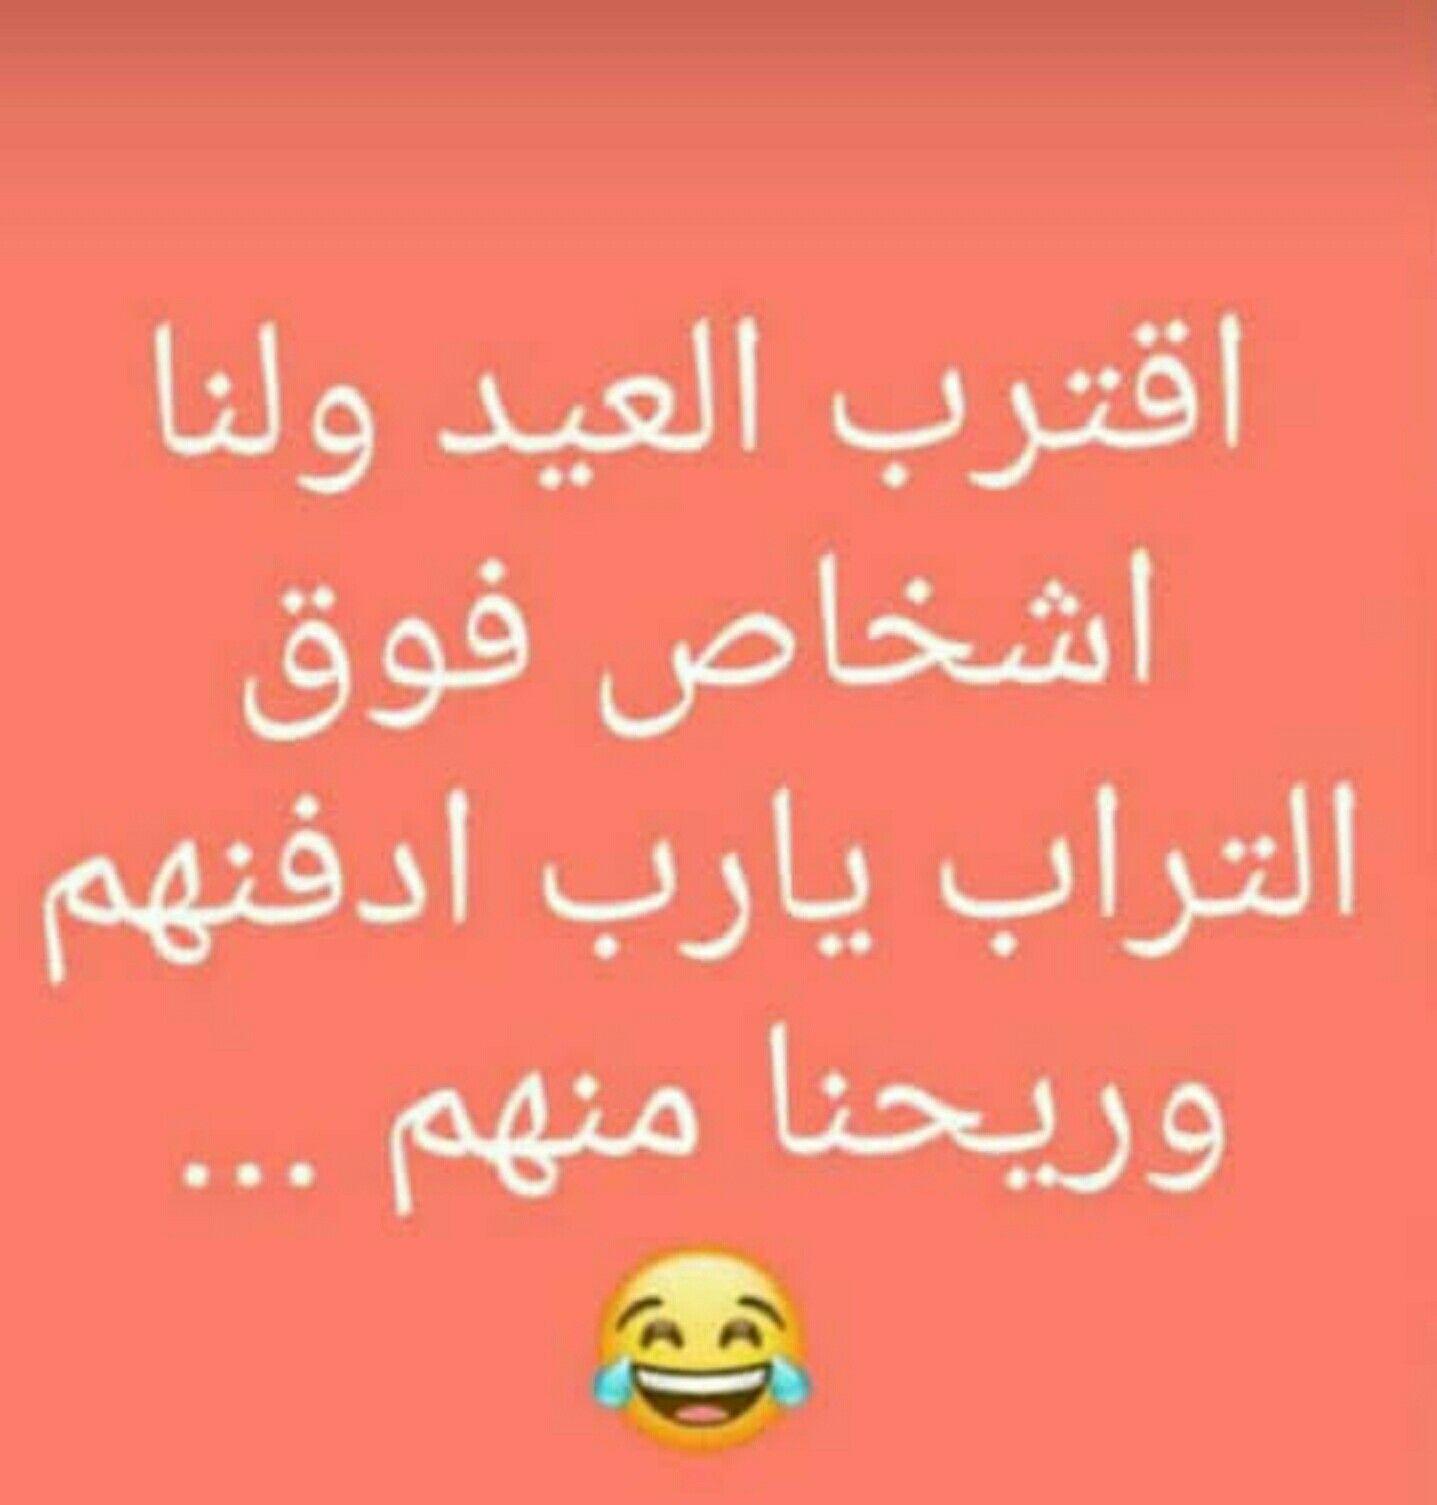 يارب ونرتاح من الاشكال الوسخه Funny Quotes Arabic Funny Beautiful Arabic Words